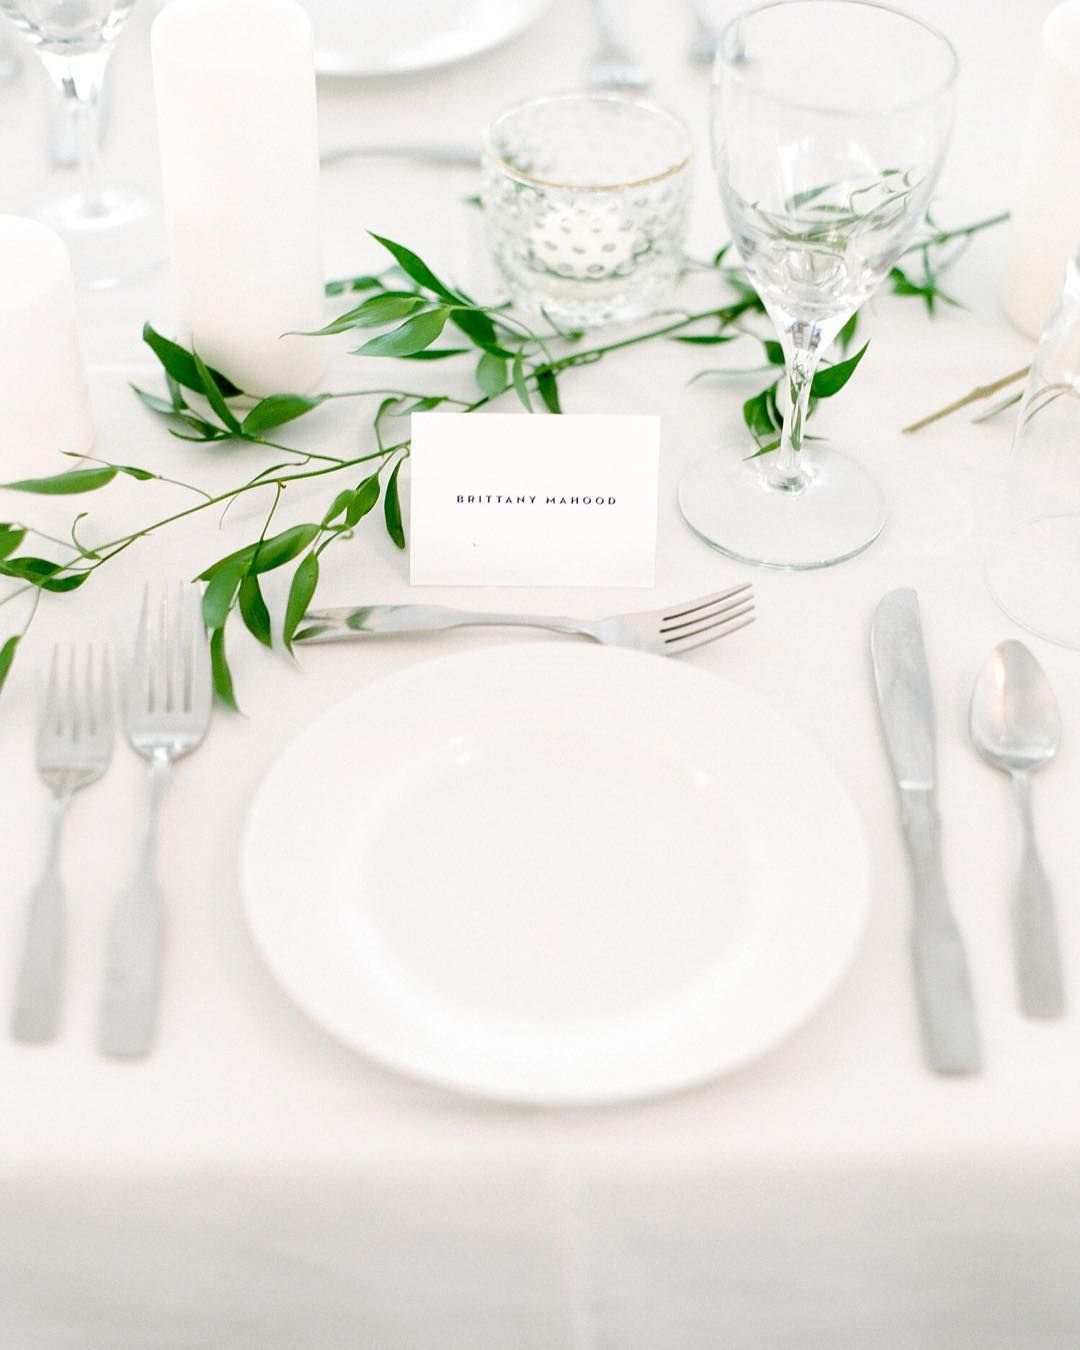 J Adore La Simplicite De Cette Table J Aime La Nappe Blanche Et